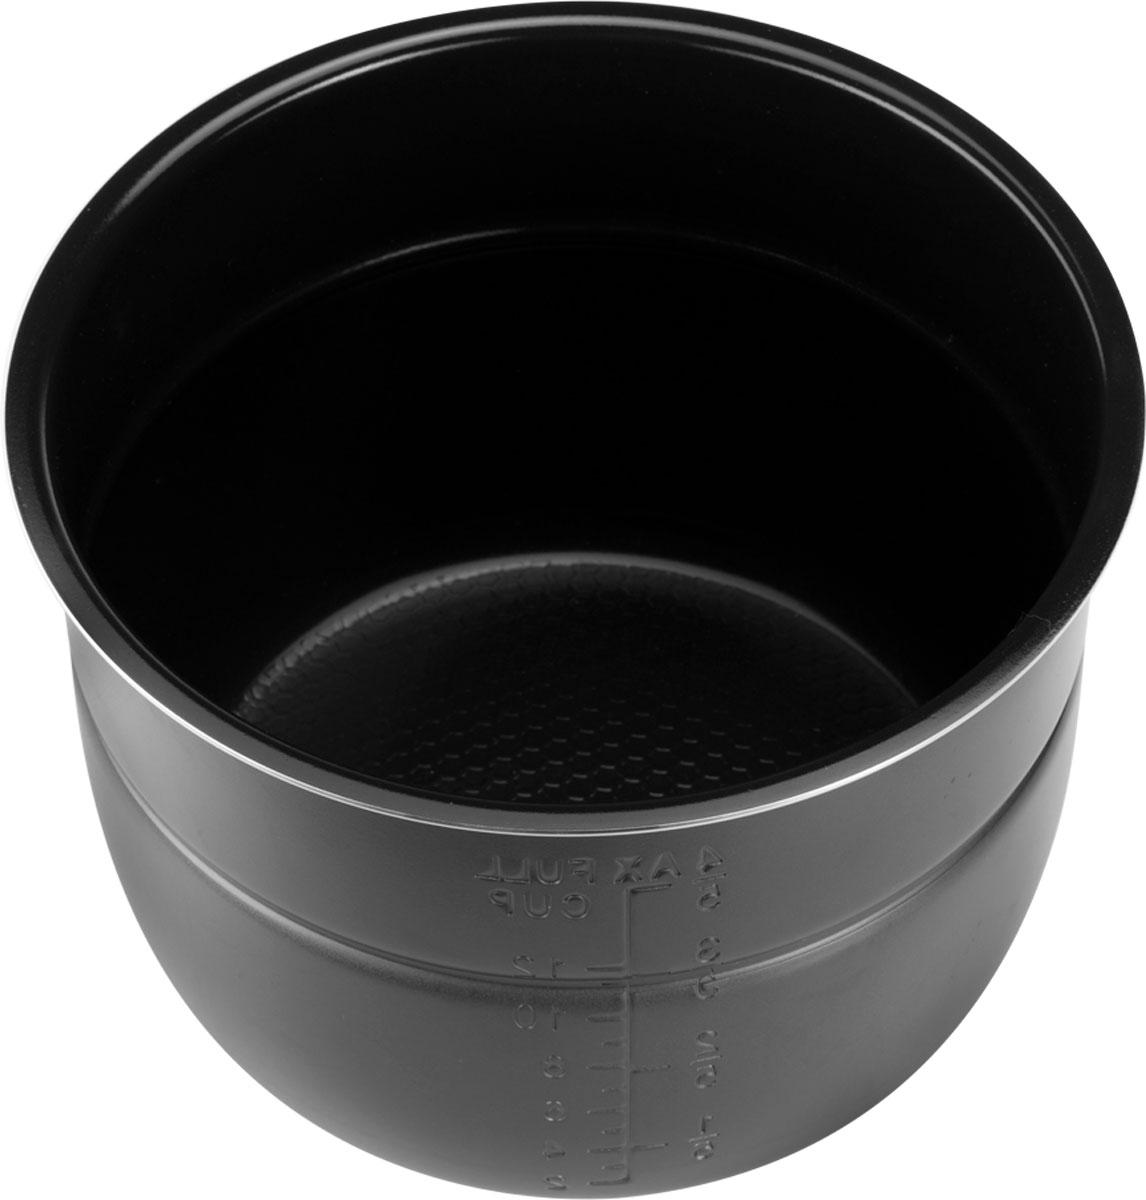 Unit USP-B61 чаша для скороваркиCE-0268729Unit USP-B61 - дополнительная чаша для скороварки объемом 6 л, которая позволяет приготовить различные блюда без добавления масла или жира. Чаша имеет керамическое антипригарное покрытие. Она выдерживает высокие температуры без ущерба для своих технических и качественных характеристик. Для вашего удобства внутри чаши предусмотрена мерная шкала. В комплект с чашей идет пластиковая крышка.